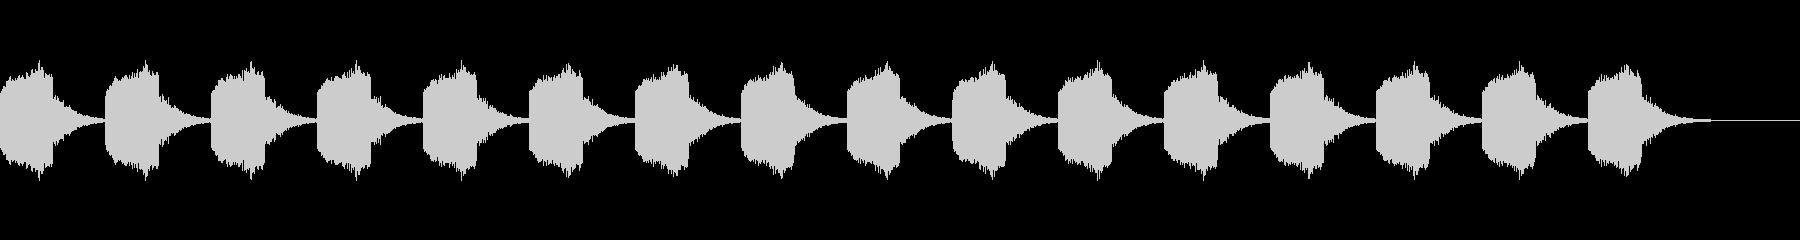 警告ブザー音の未再生の波形